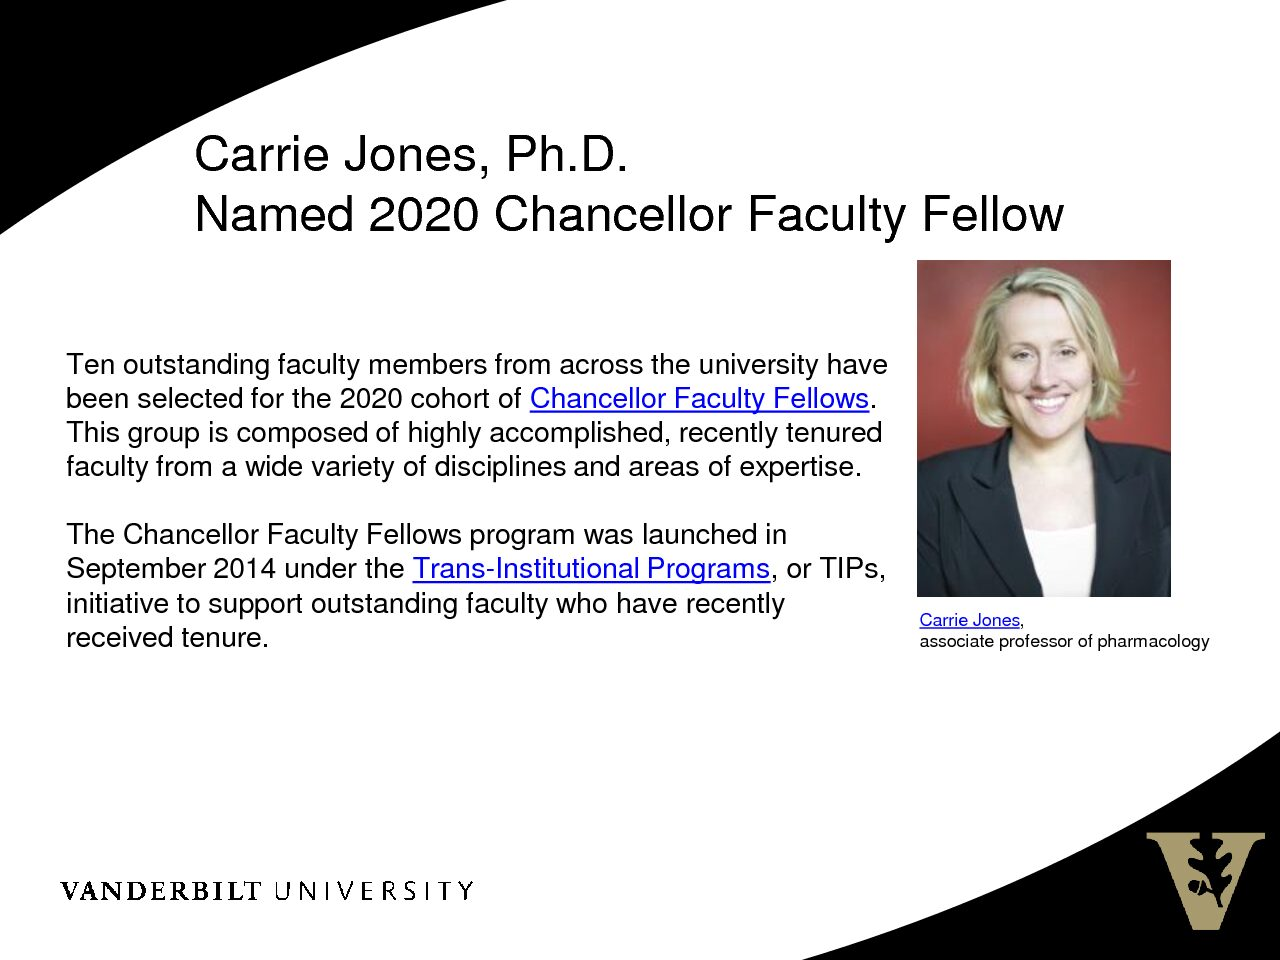 Carrie Jones 2020 Chancellor Faculty Fellow